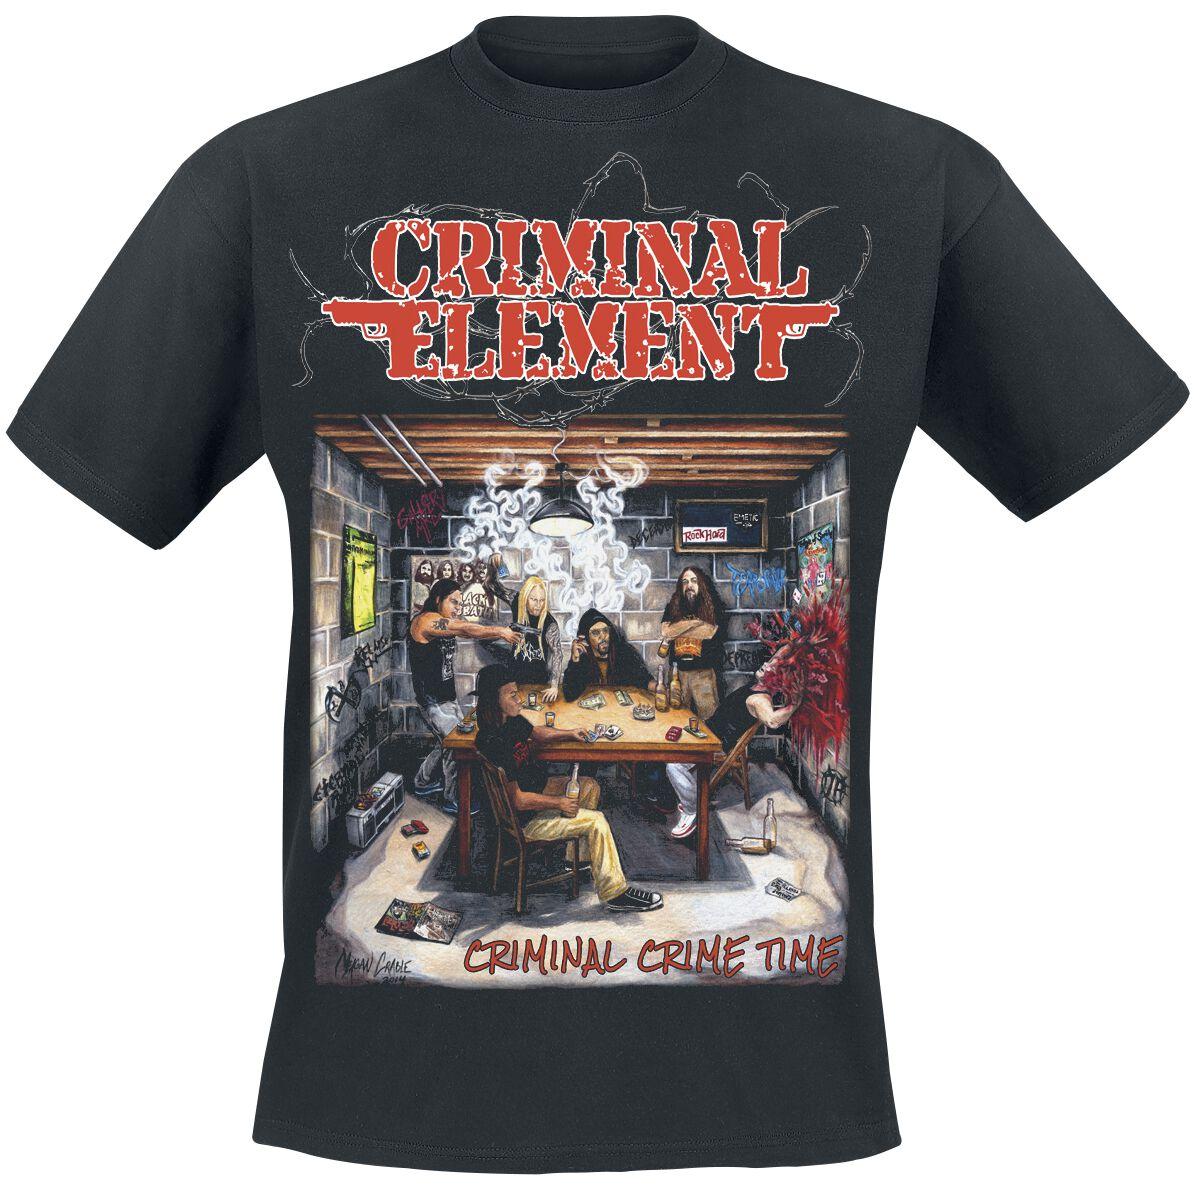 Zespoły - Koszulki - T-Shirt Criminal Element Criminal crime time T-Shirt czarny - 362089